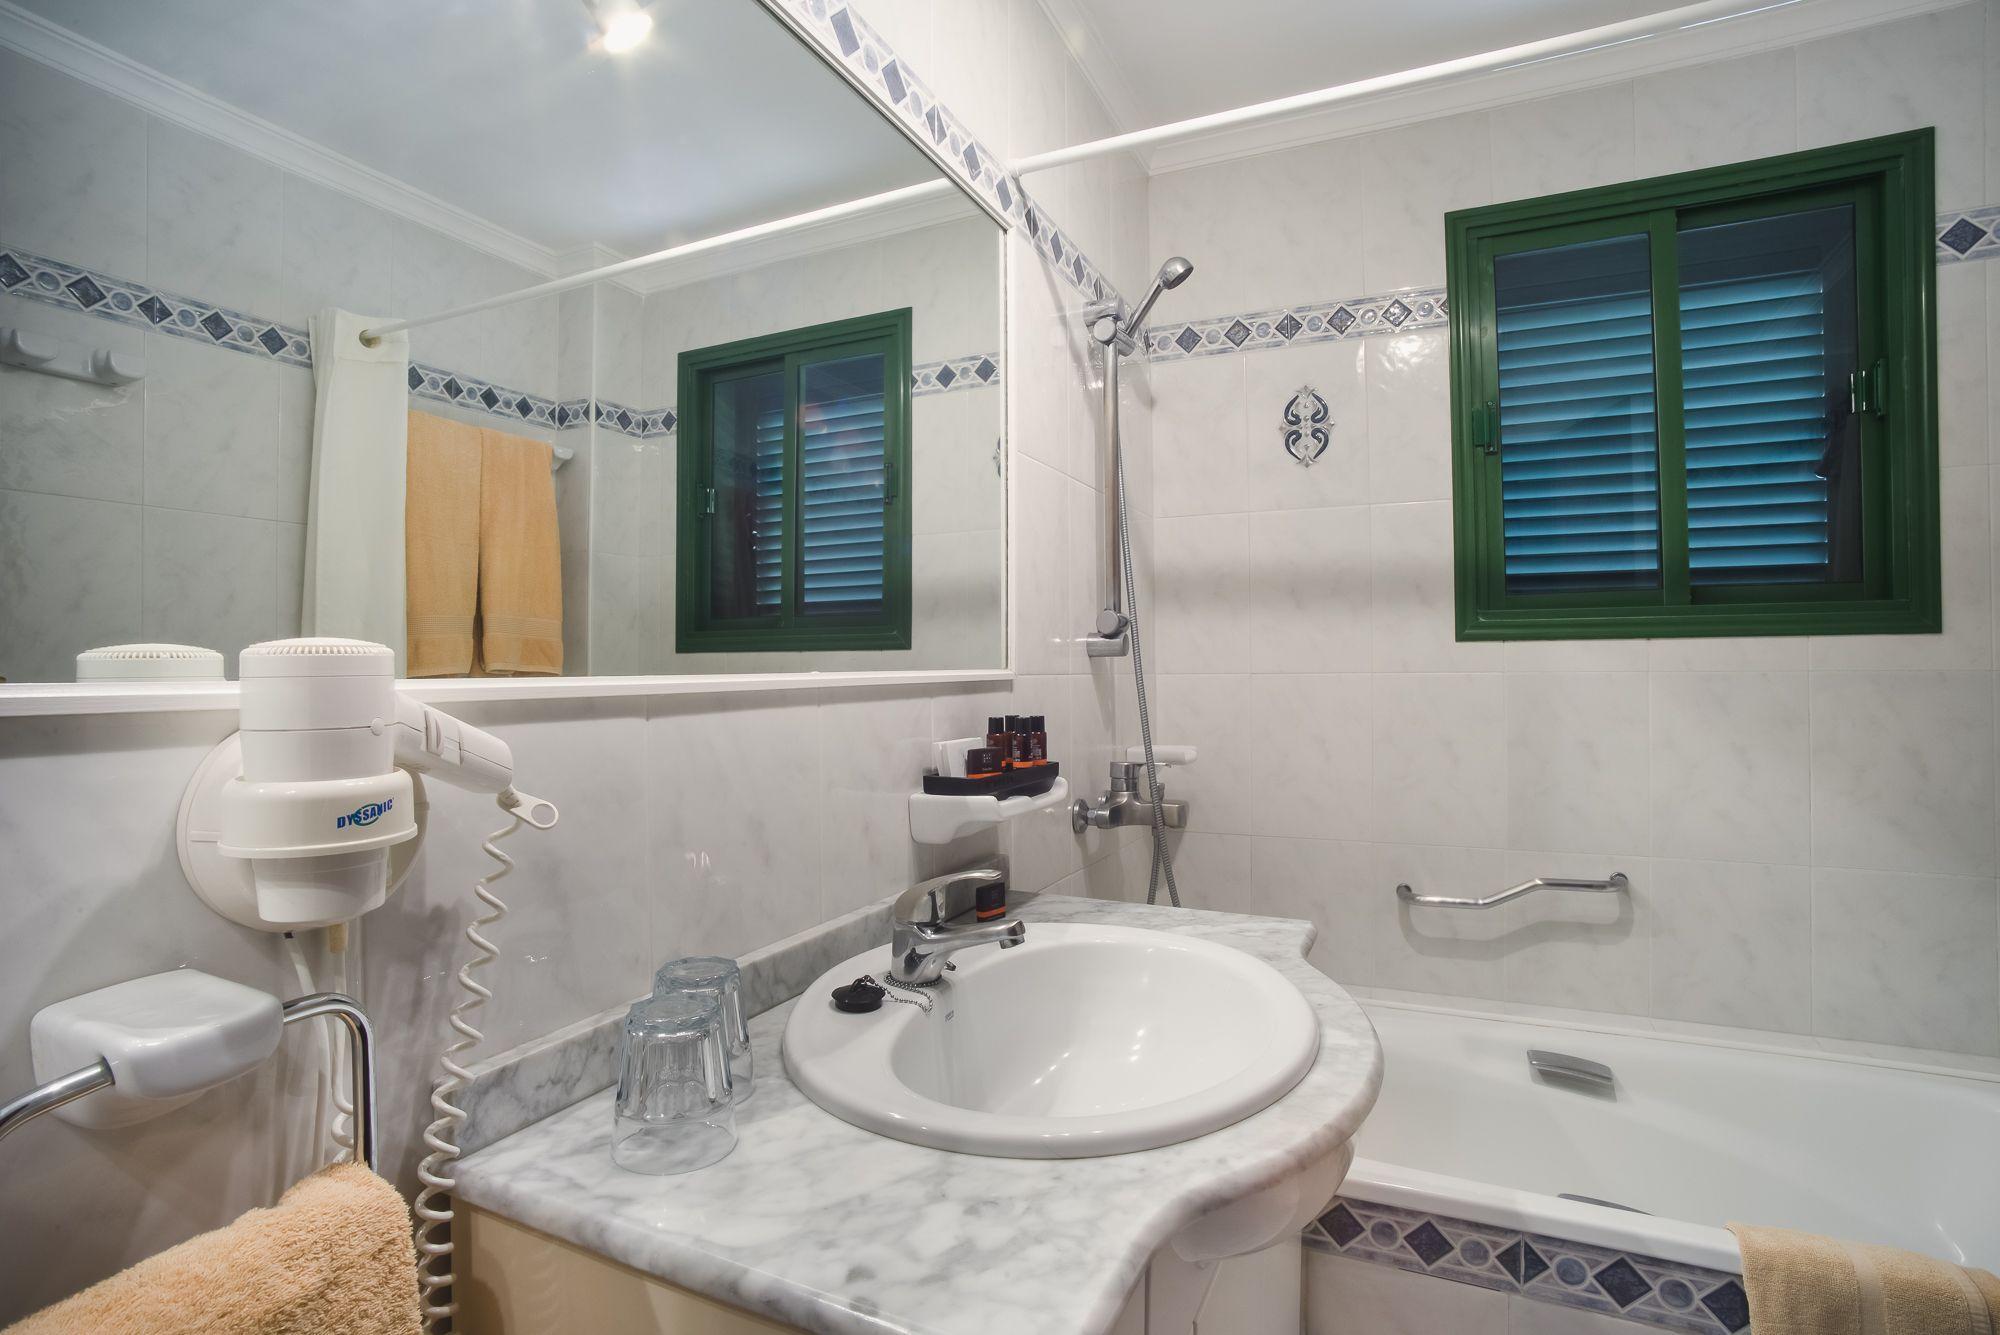 Hotel Bandama badrum